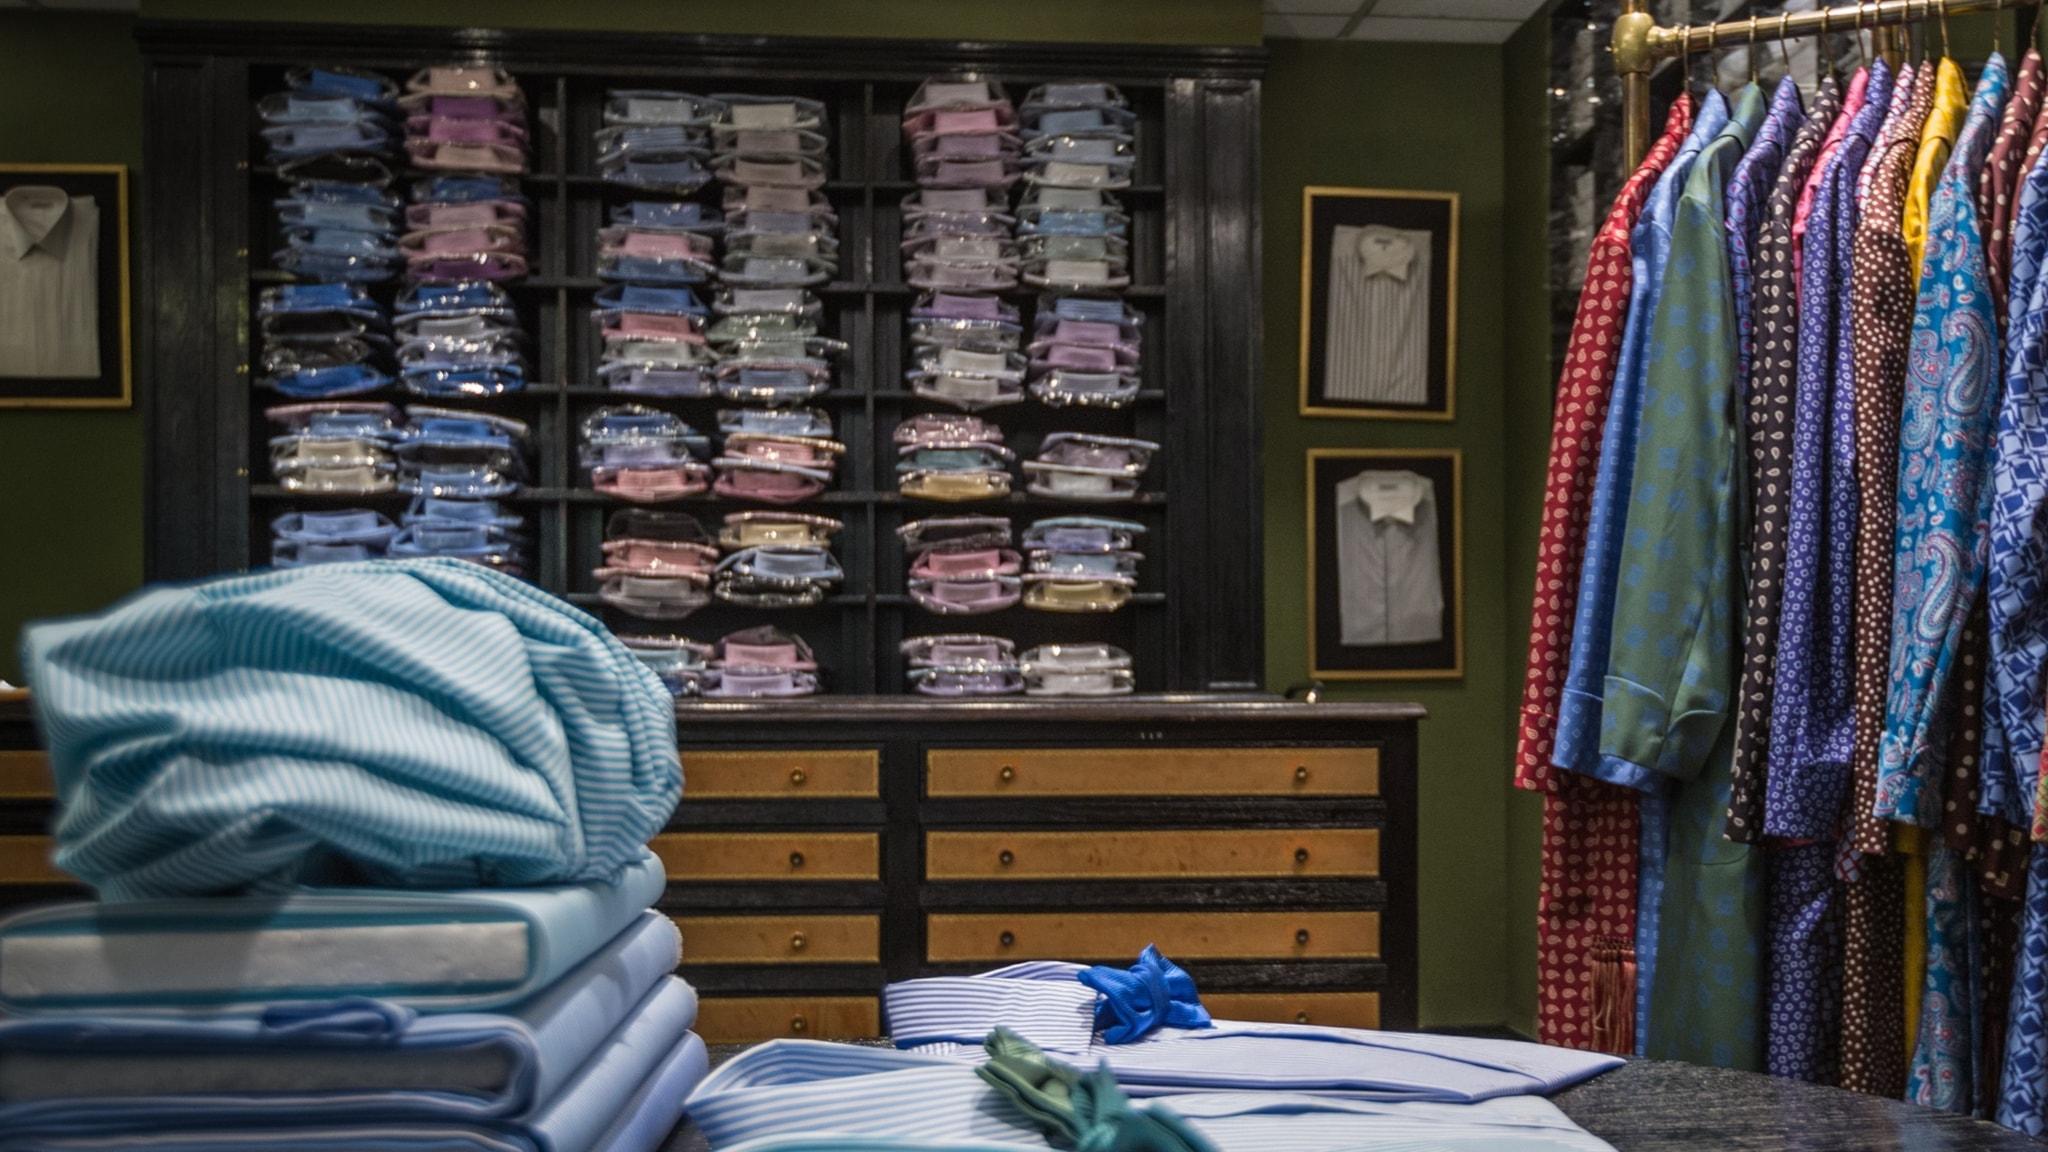 Stort utbud av skjortor i den ikoniska skjortbutiken i Paris.